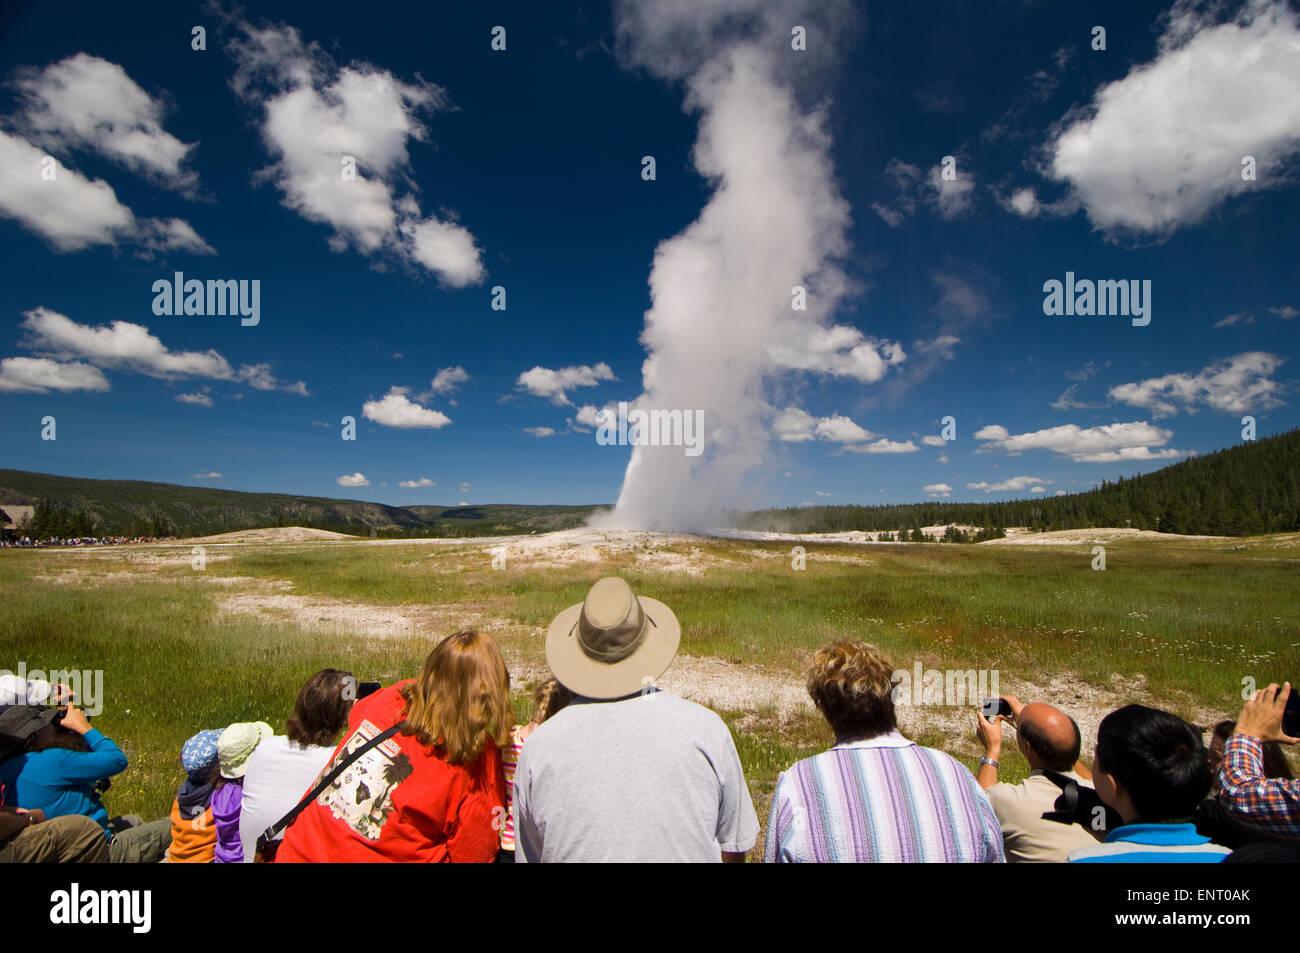 Viendo a la gente pasar Old Faithful Geyser siendo fiel. El Parque Nacional Yellowstone, Wyoming, Estados Unidos. Imagen De Stock